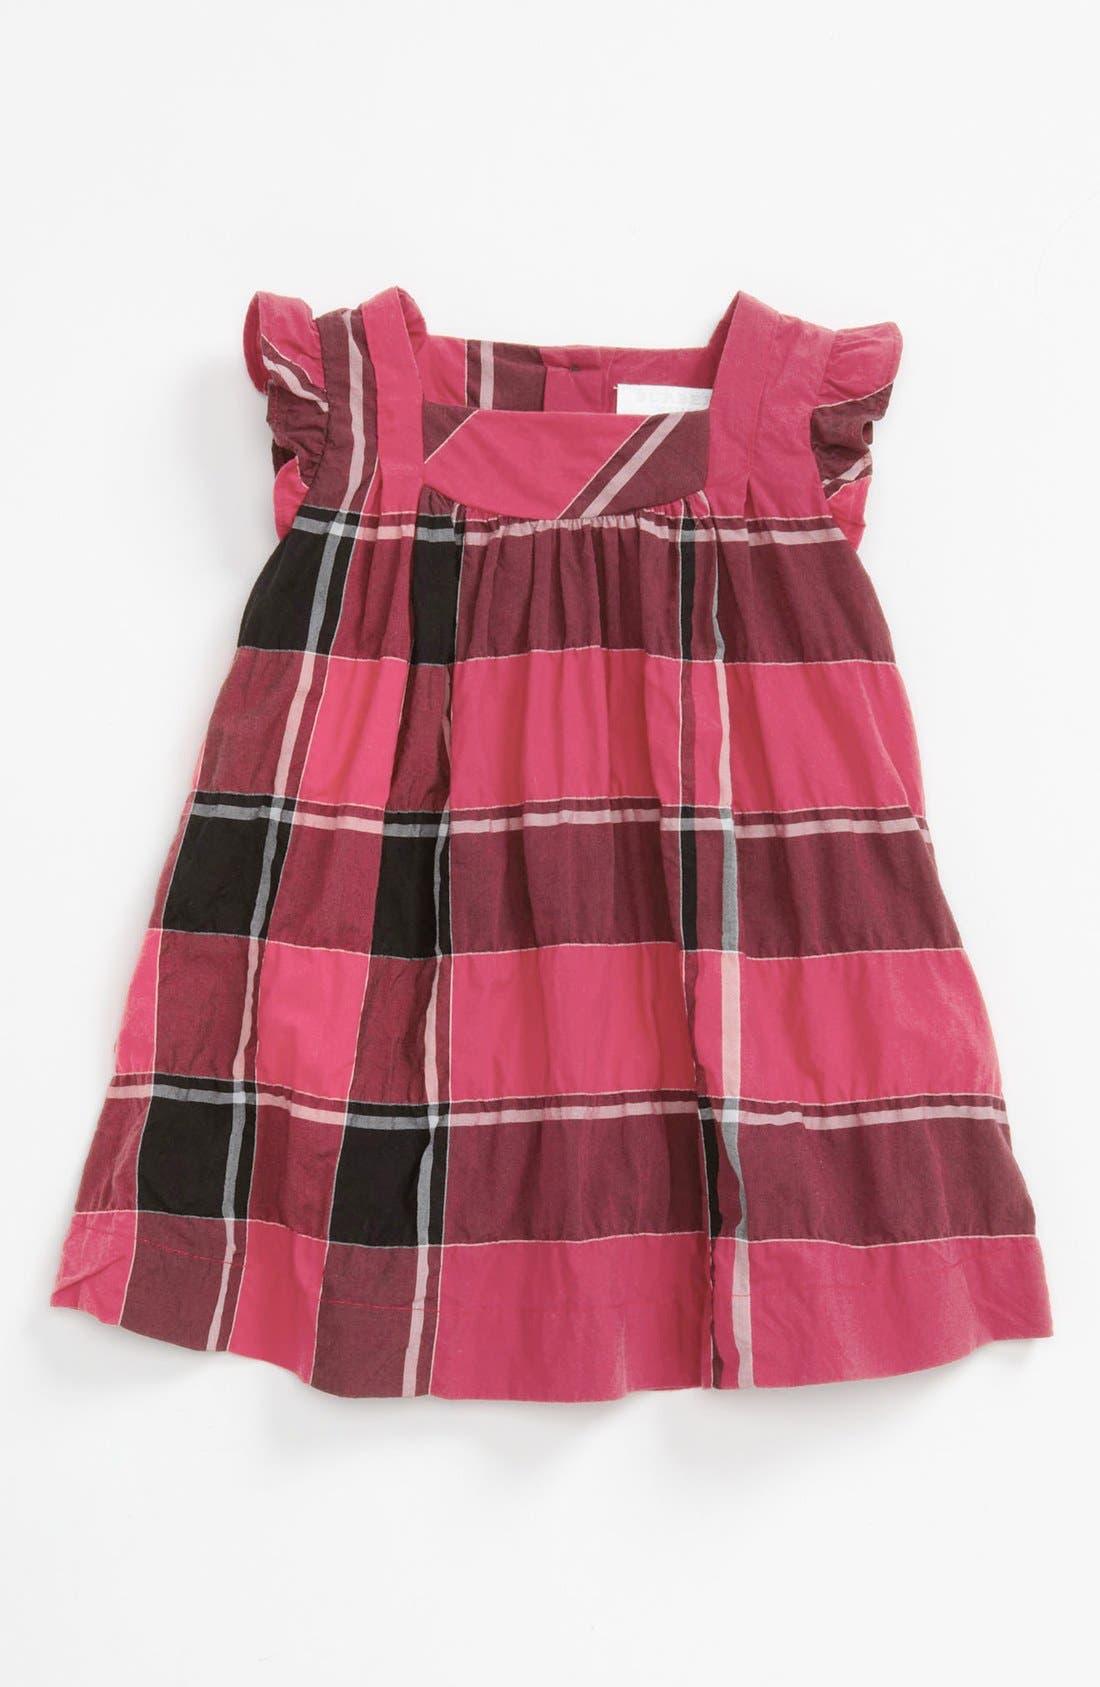 Main Image - Burberry 'Desire' Dress (Baby Girls)